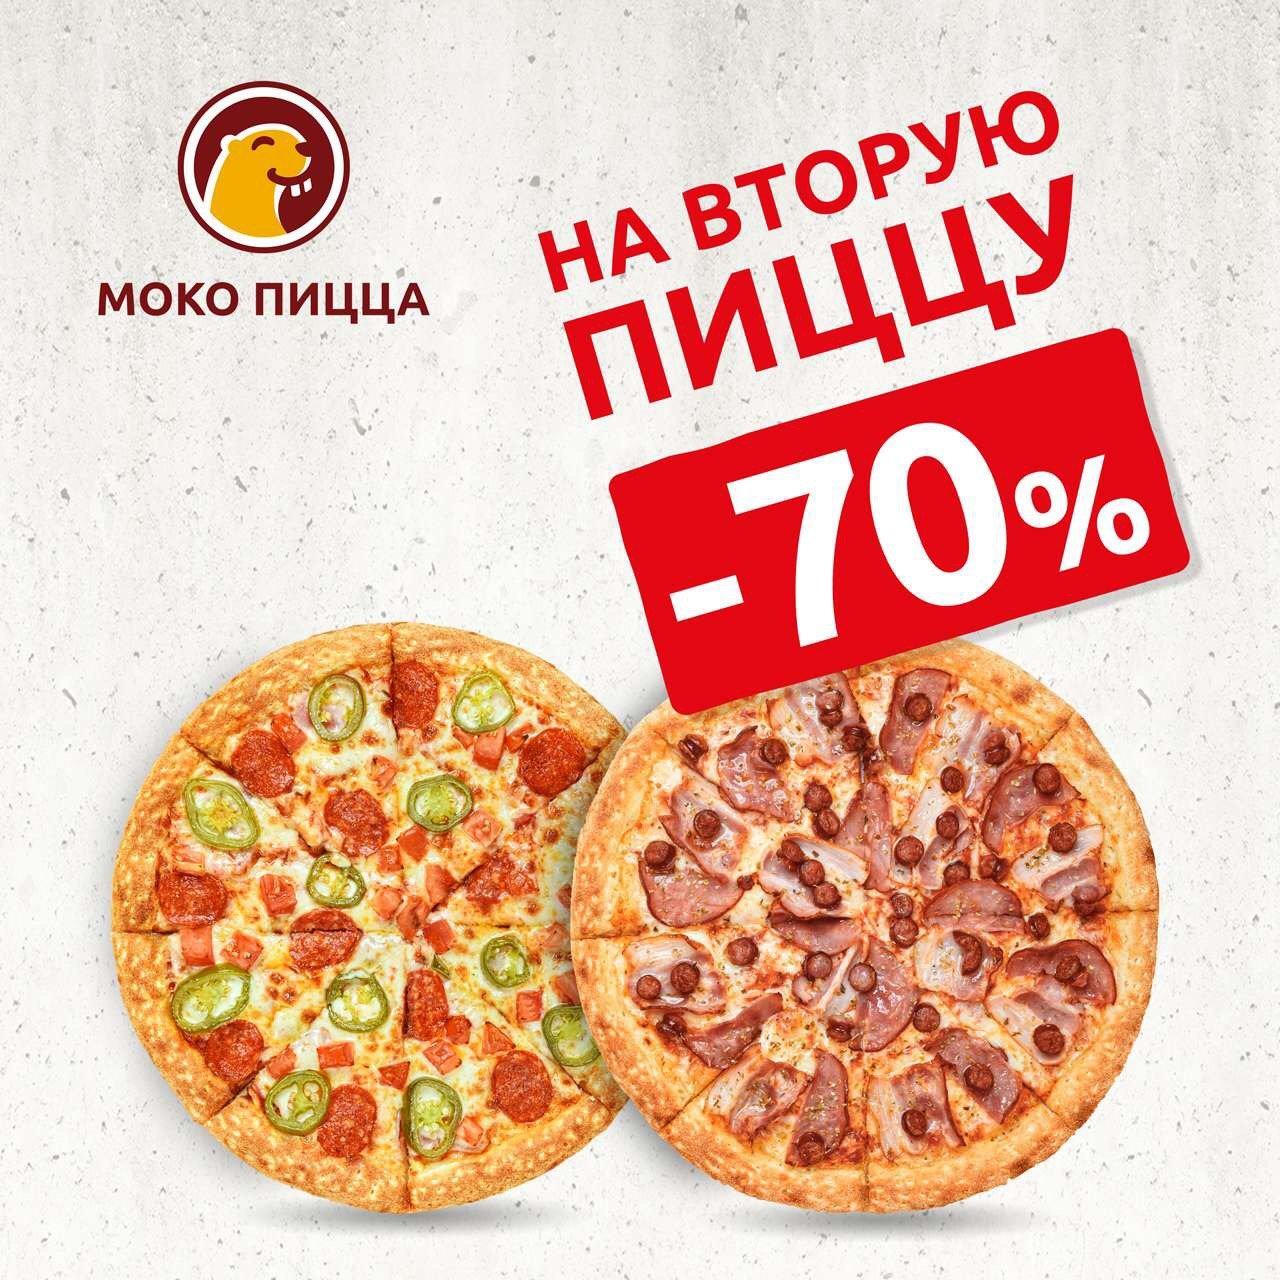 Моко пицца: - 70% на каждую вторую пиццу в заказе и другие выгодные акции, фото-1